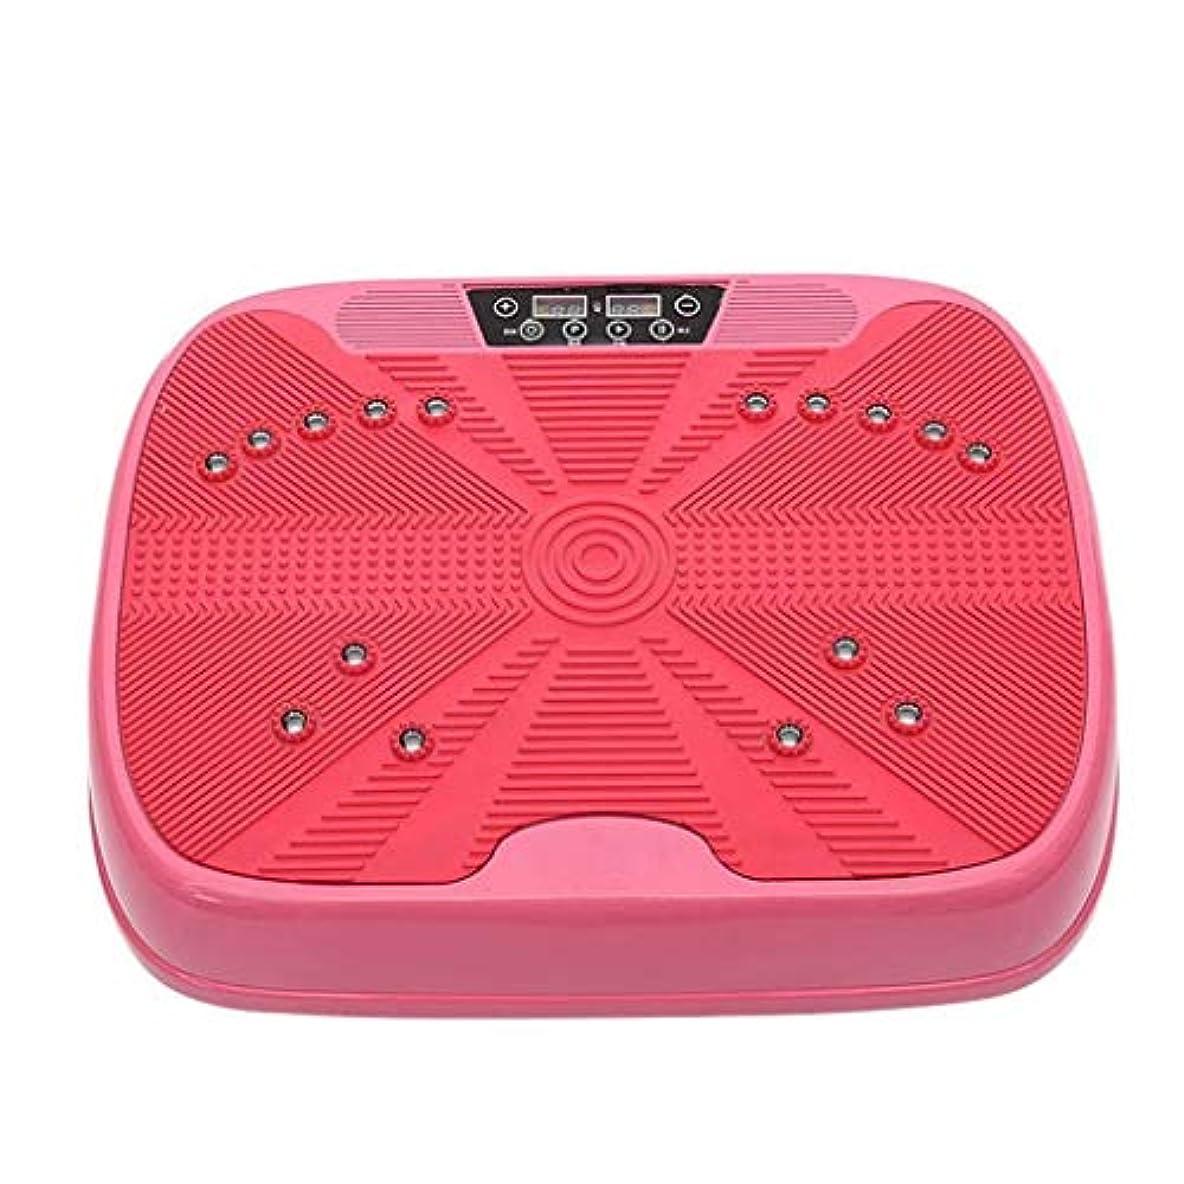 動詞ウォルターカニンガム上昇減量機、ジム/ホームフィットネス振動パワーボード、多機能モードモーション振動トレーナー、99レベルのスピードジム減量(最大負荷120KG) (Color : ピンク)